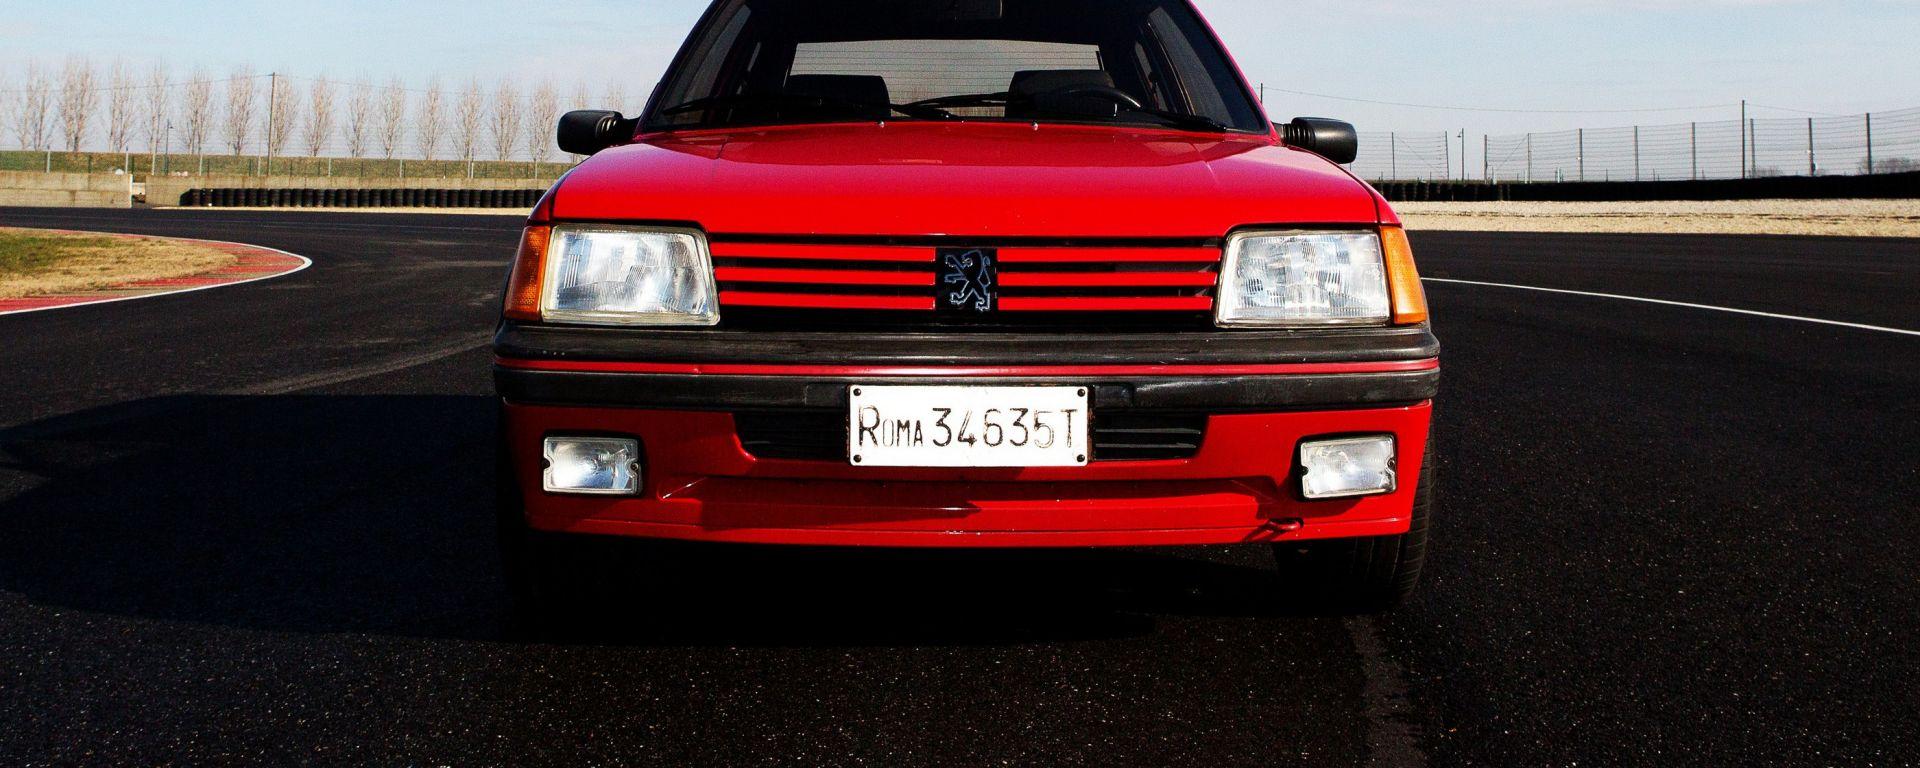 La Carta d'identità della Peugeot 205 GTI